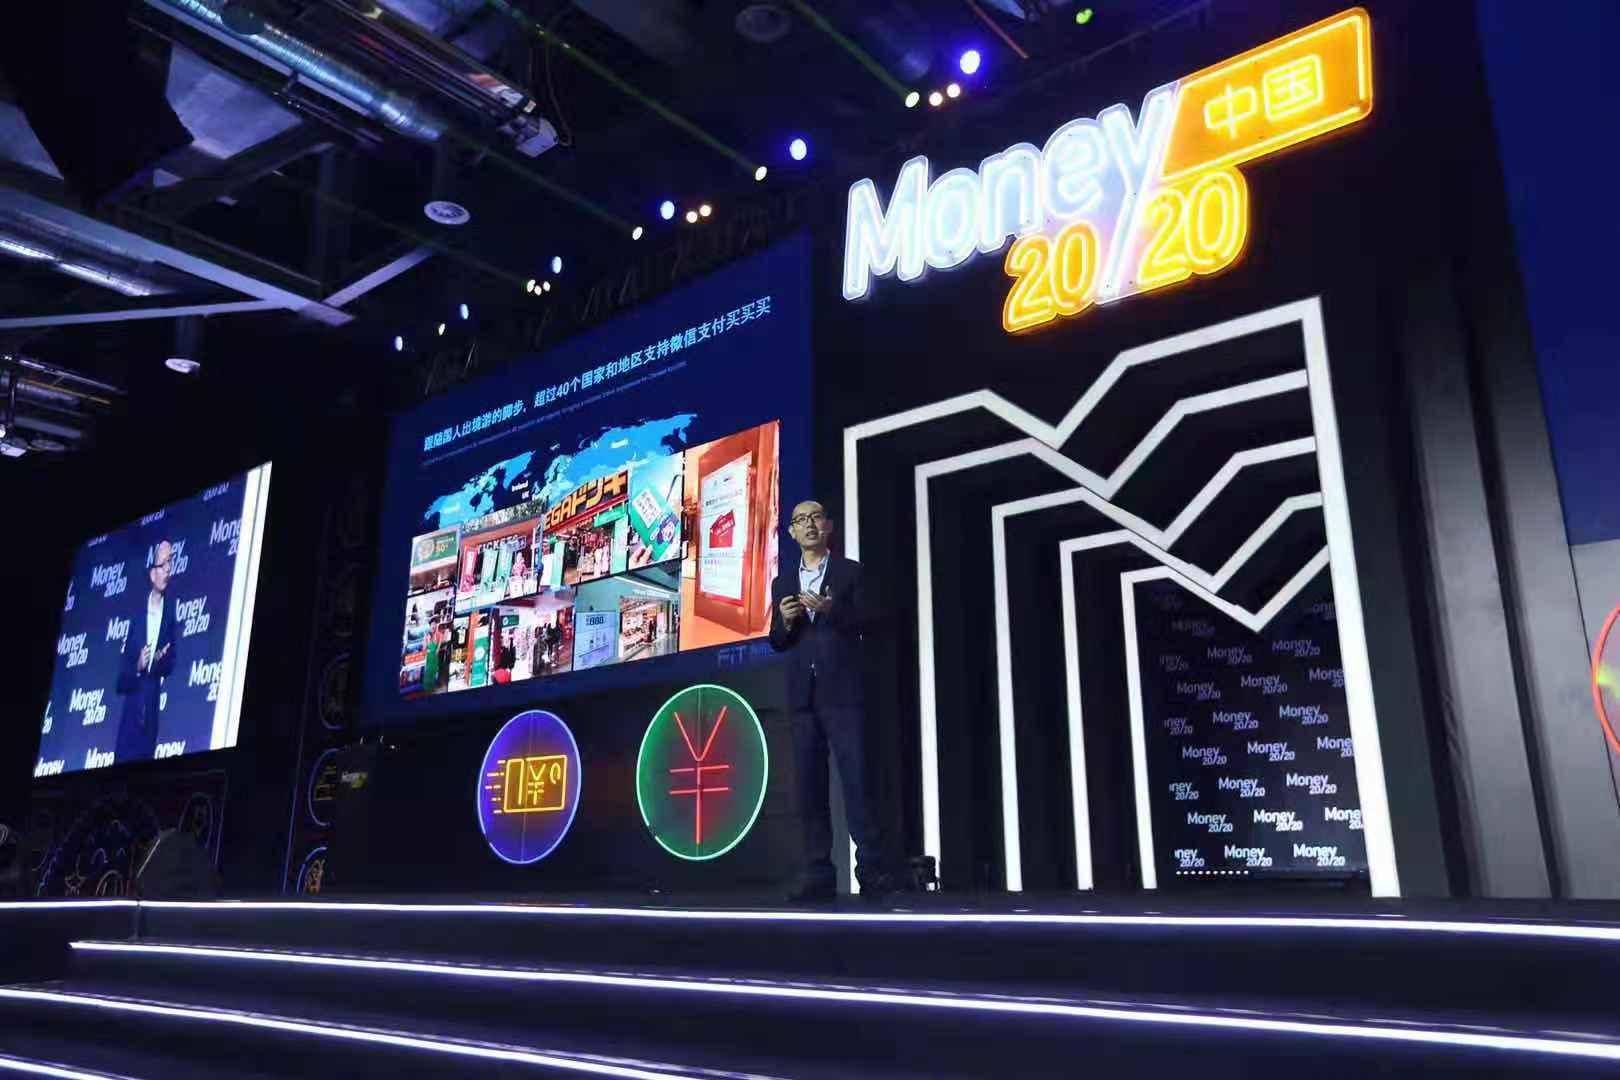 WeChat Pay ขยายการให้บริการไปแล้ว 3 ประเทศ ประเทศไทย เป็นอีกเป้าหมายในอนาคต